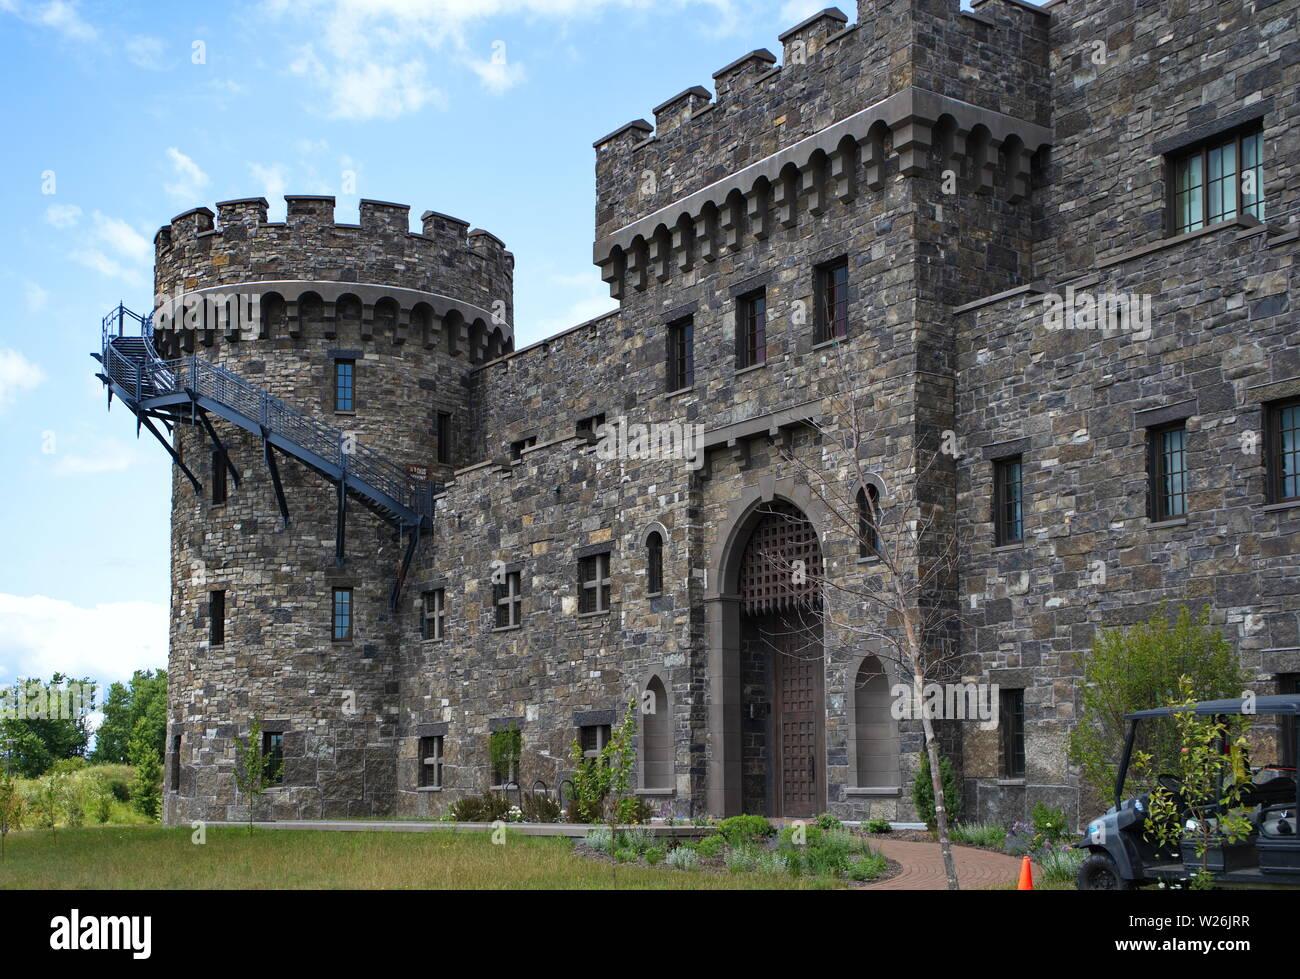 Verona, WI USA  Jul 2018  Unique architectural buildings of